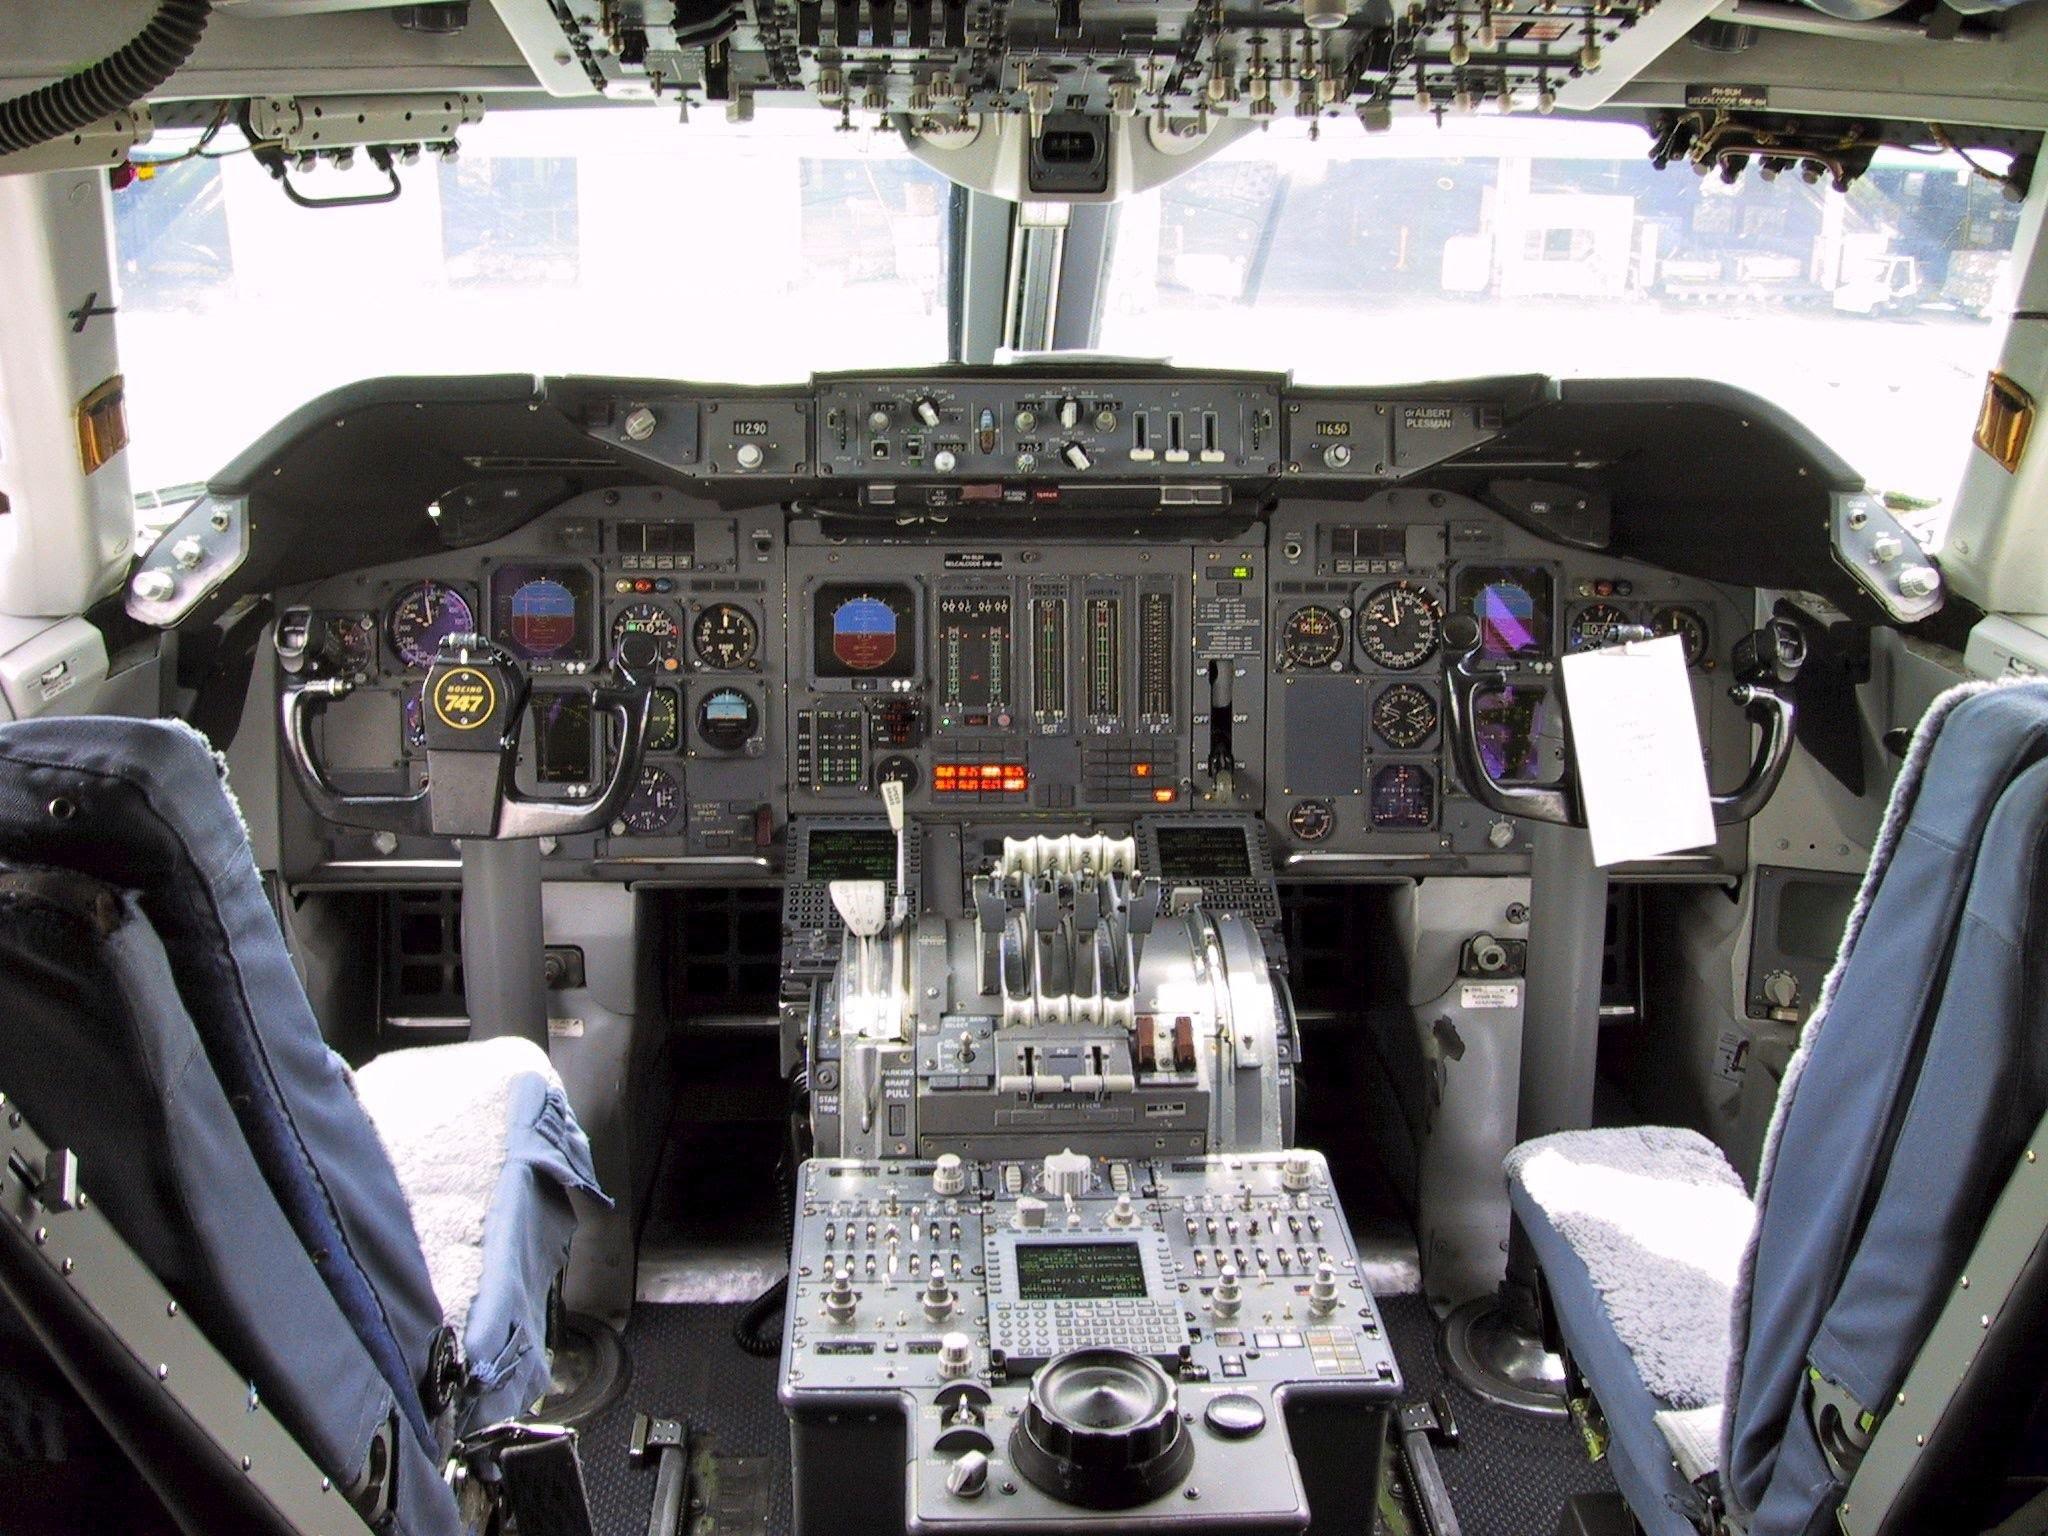 Upgraded KLM 747-306B cockpit